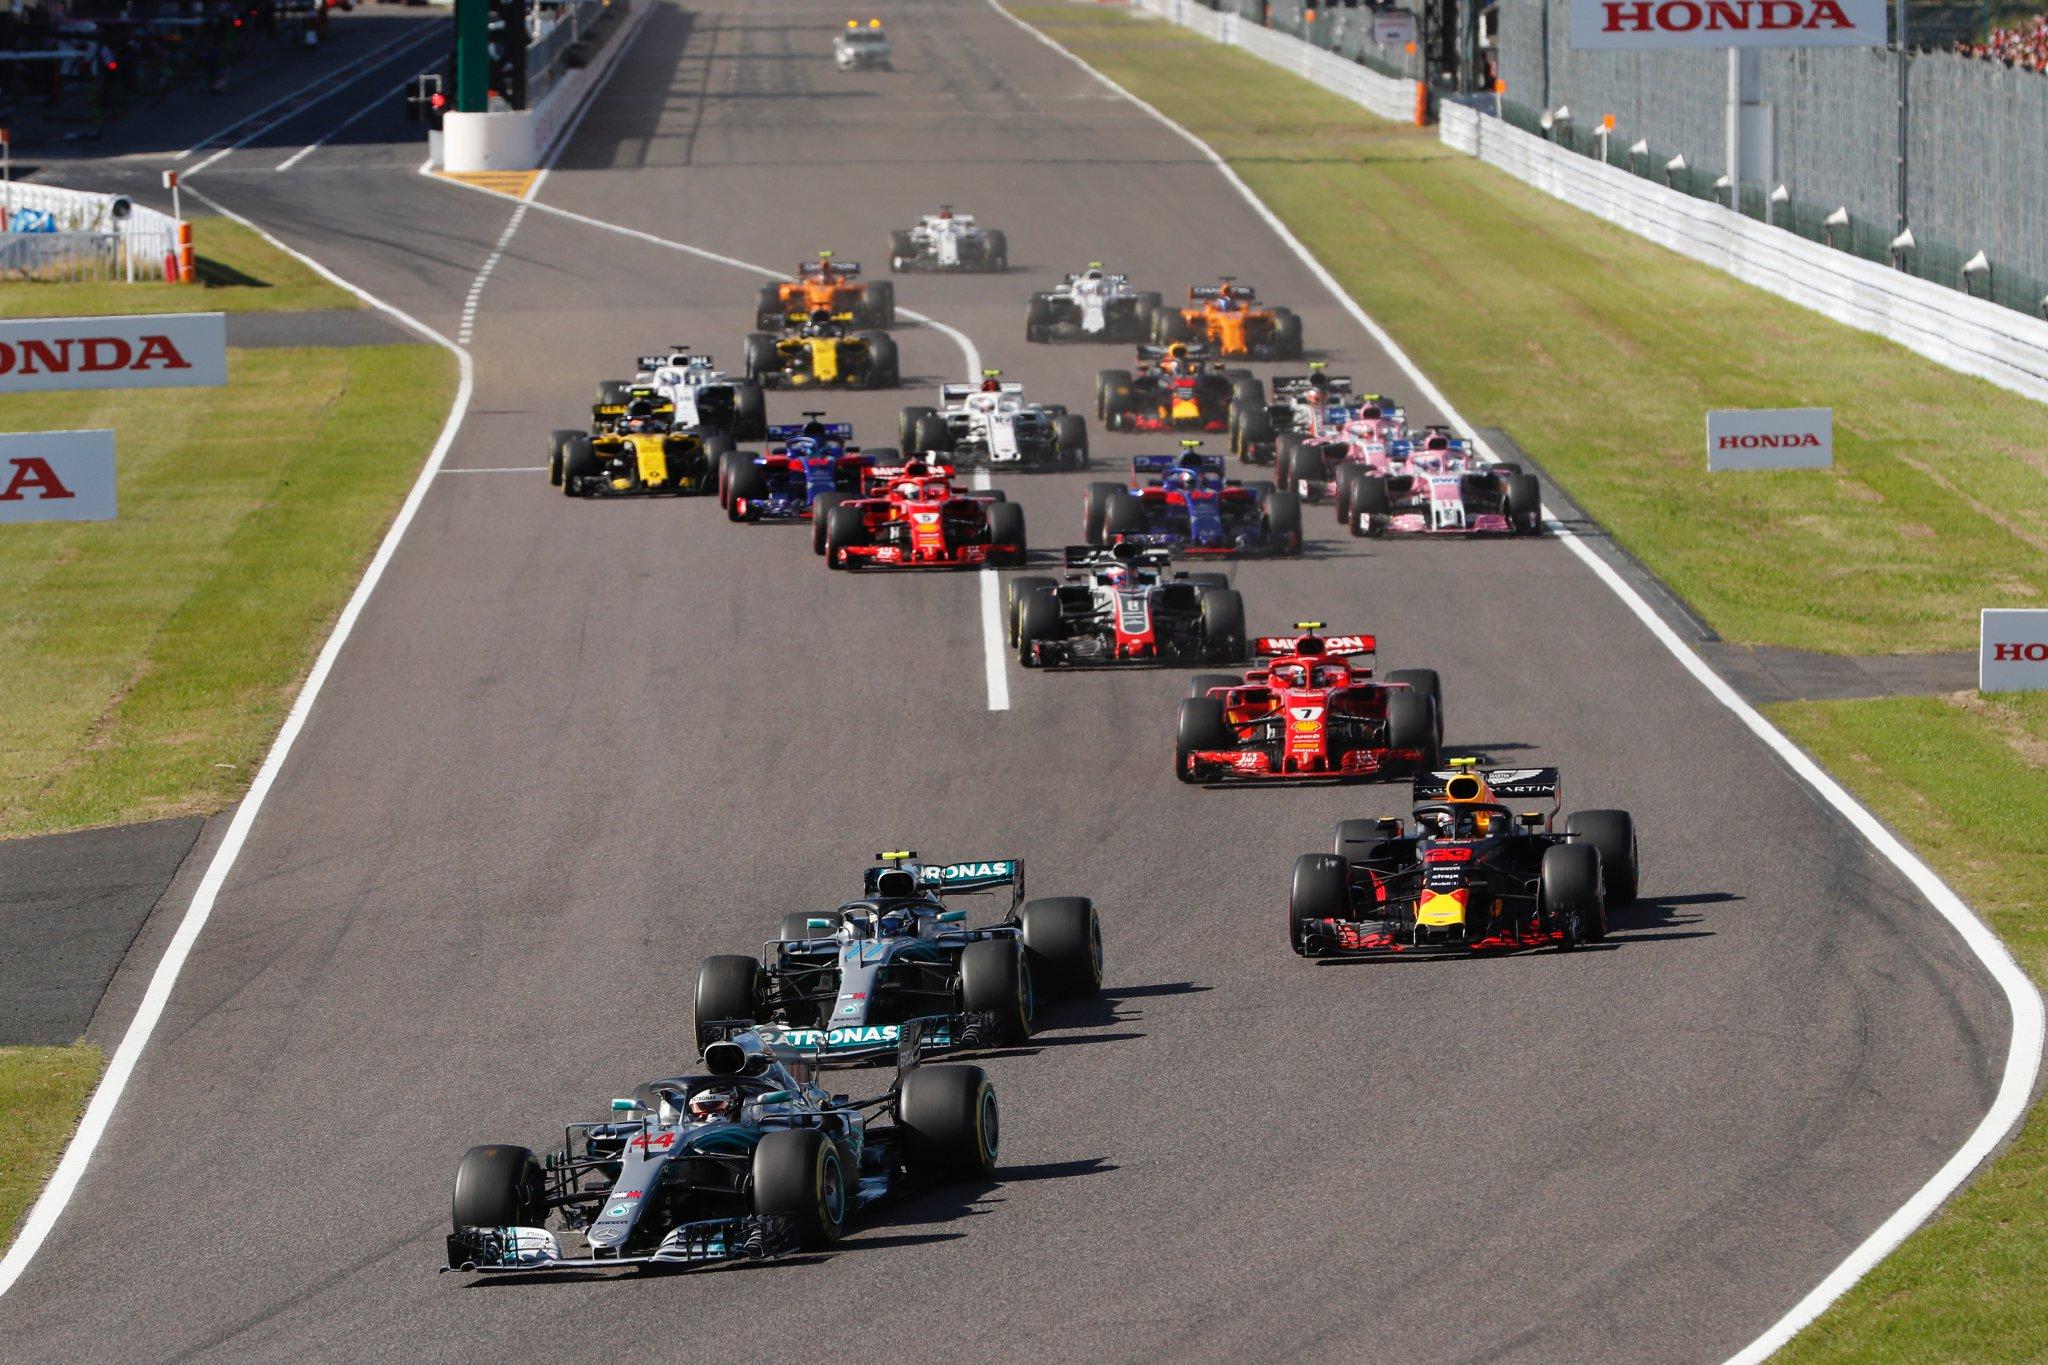 FIA го одобри календарот и промената на некои правила за 2019 година